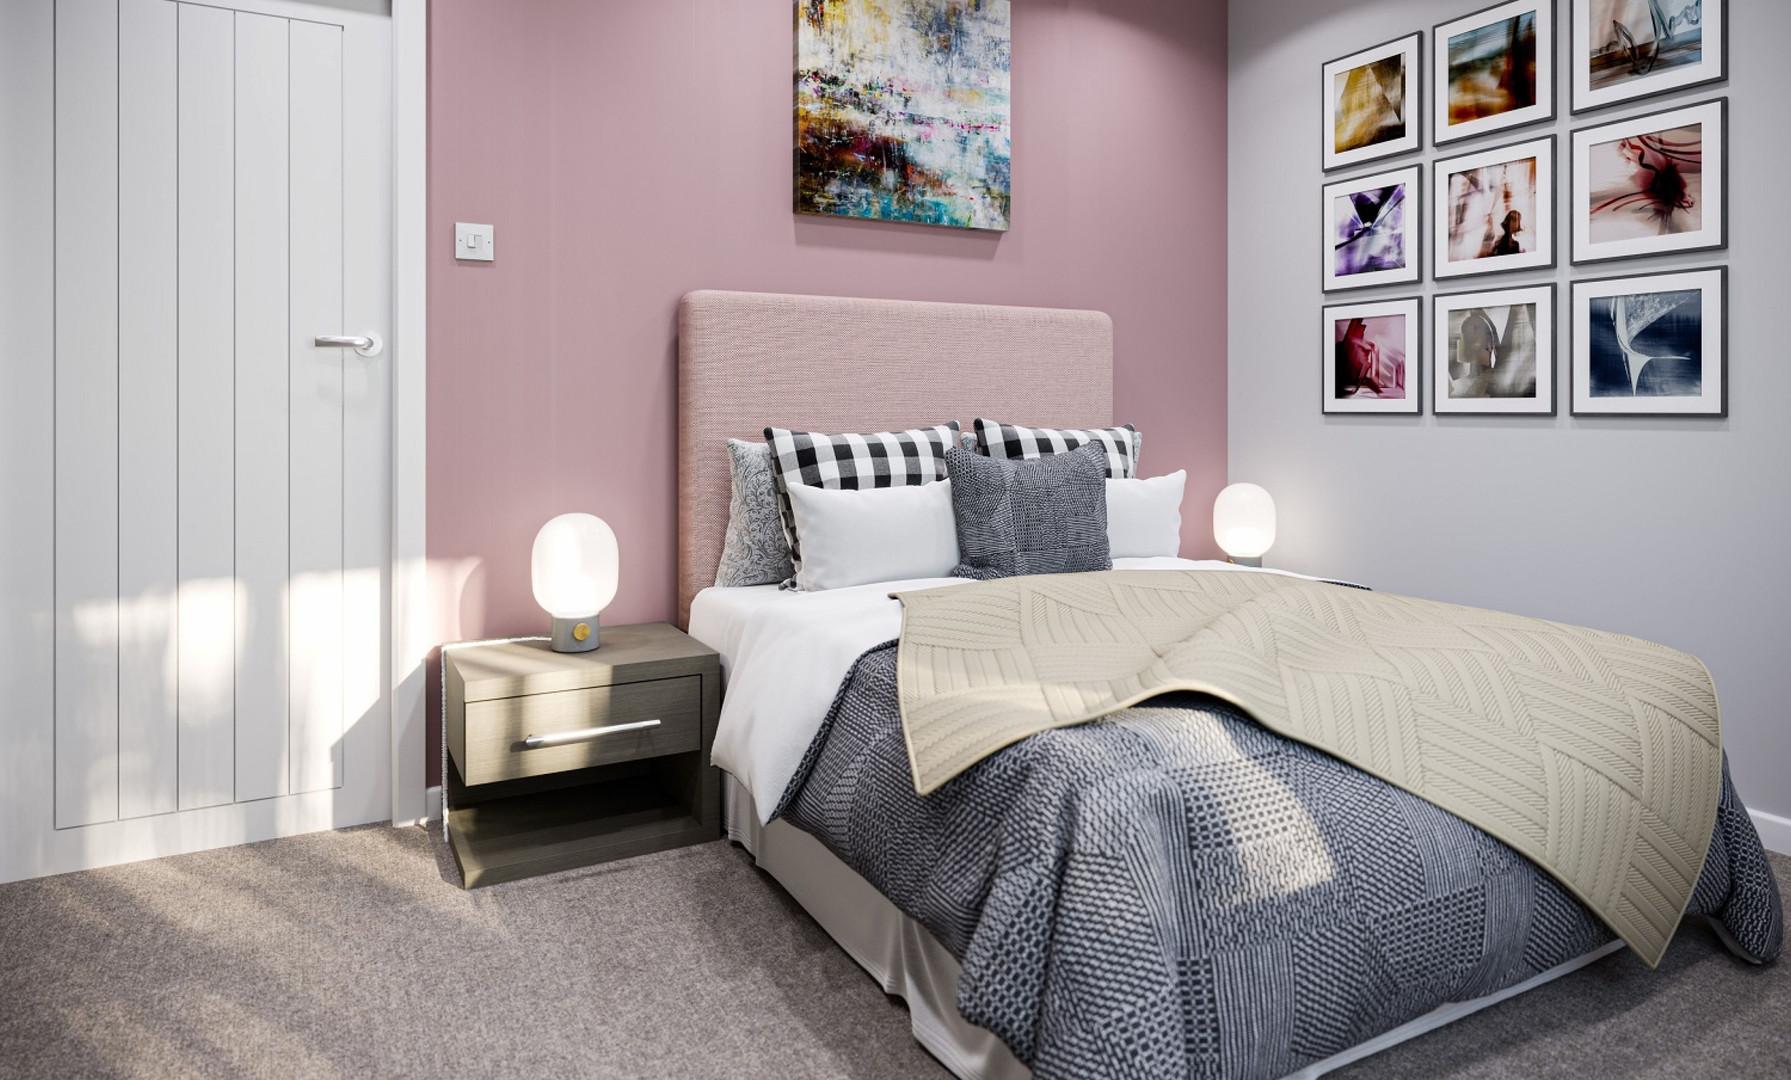 lamport_bedroom_4k_v1a.jpg